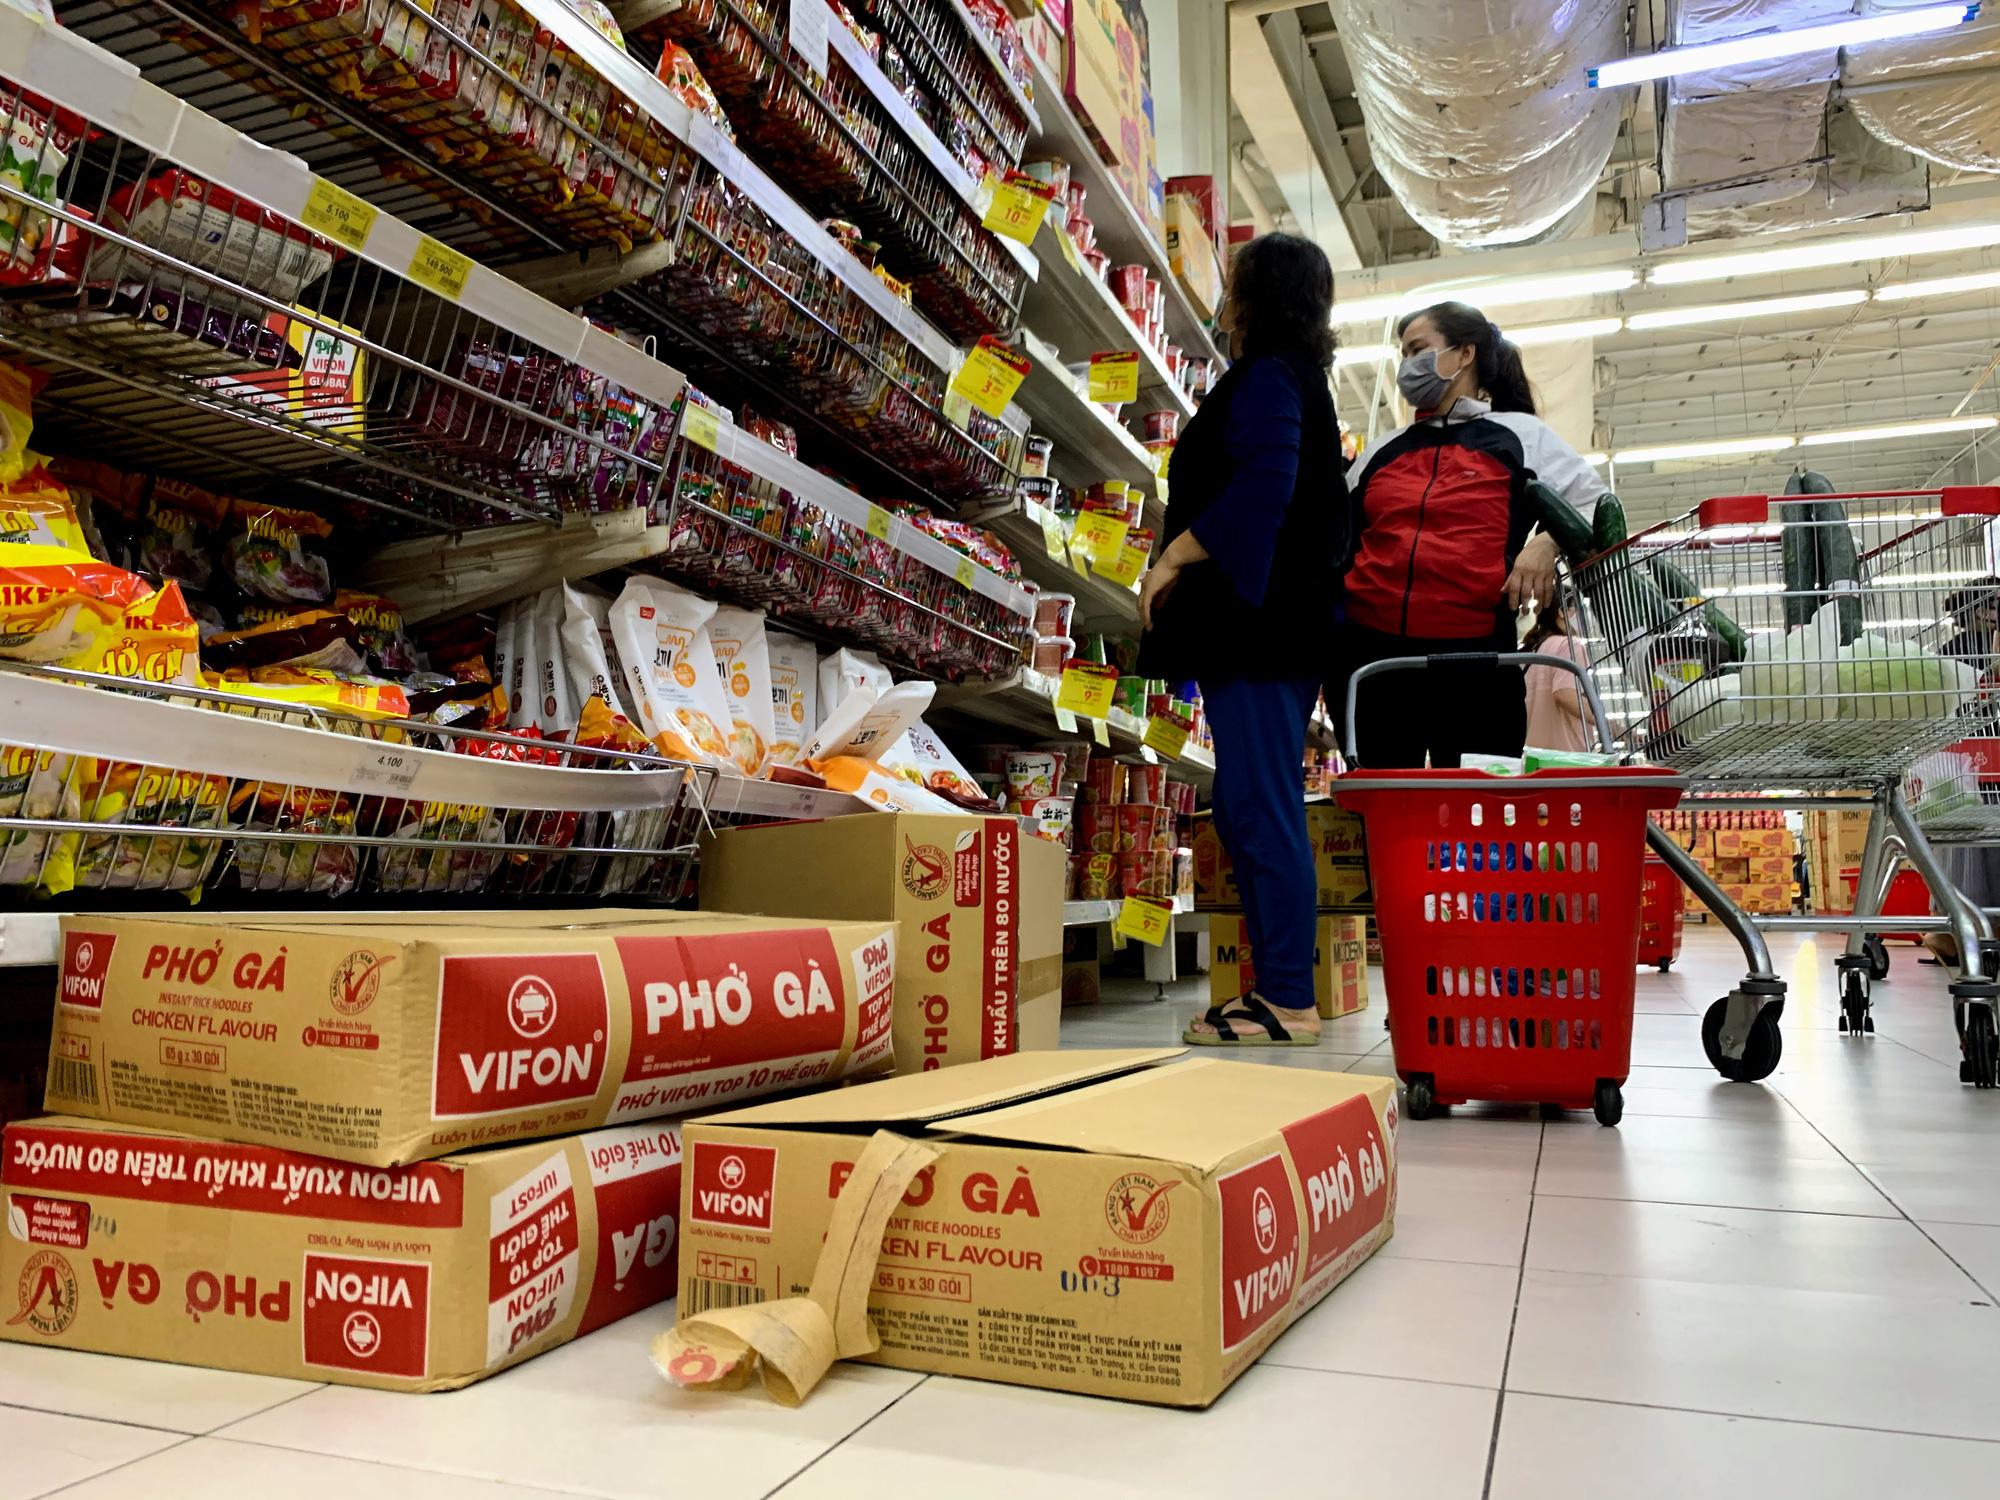 Trước giờ giới nghiêm, người Hà Nội ùn ùn kéo về siêu thị, mua sạch mì tôm, thực phẩm, giấy vệ sinh - Ảnh 7.